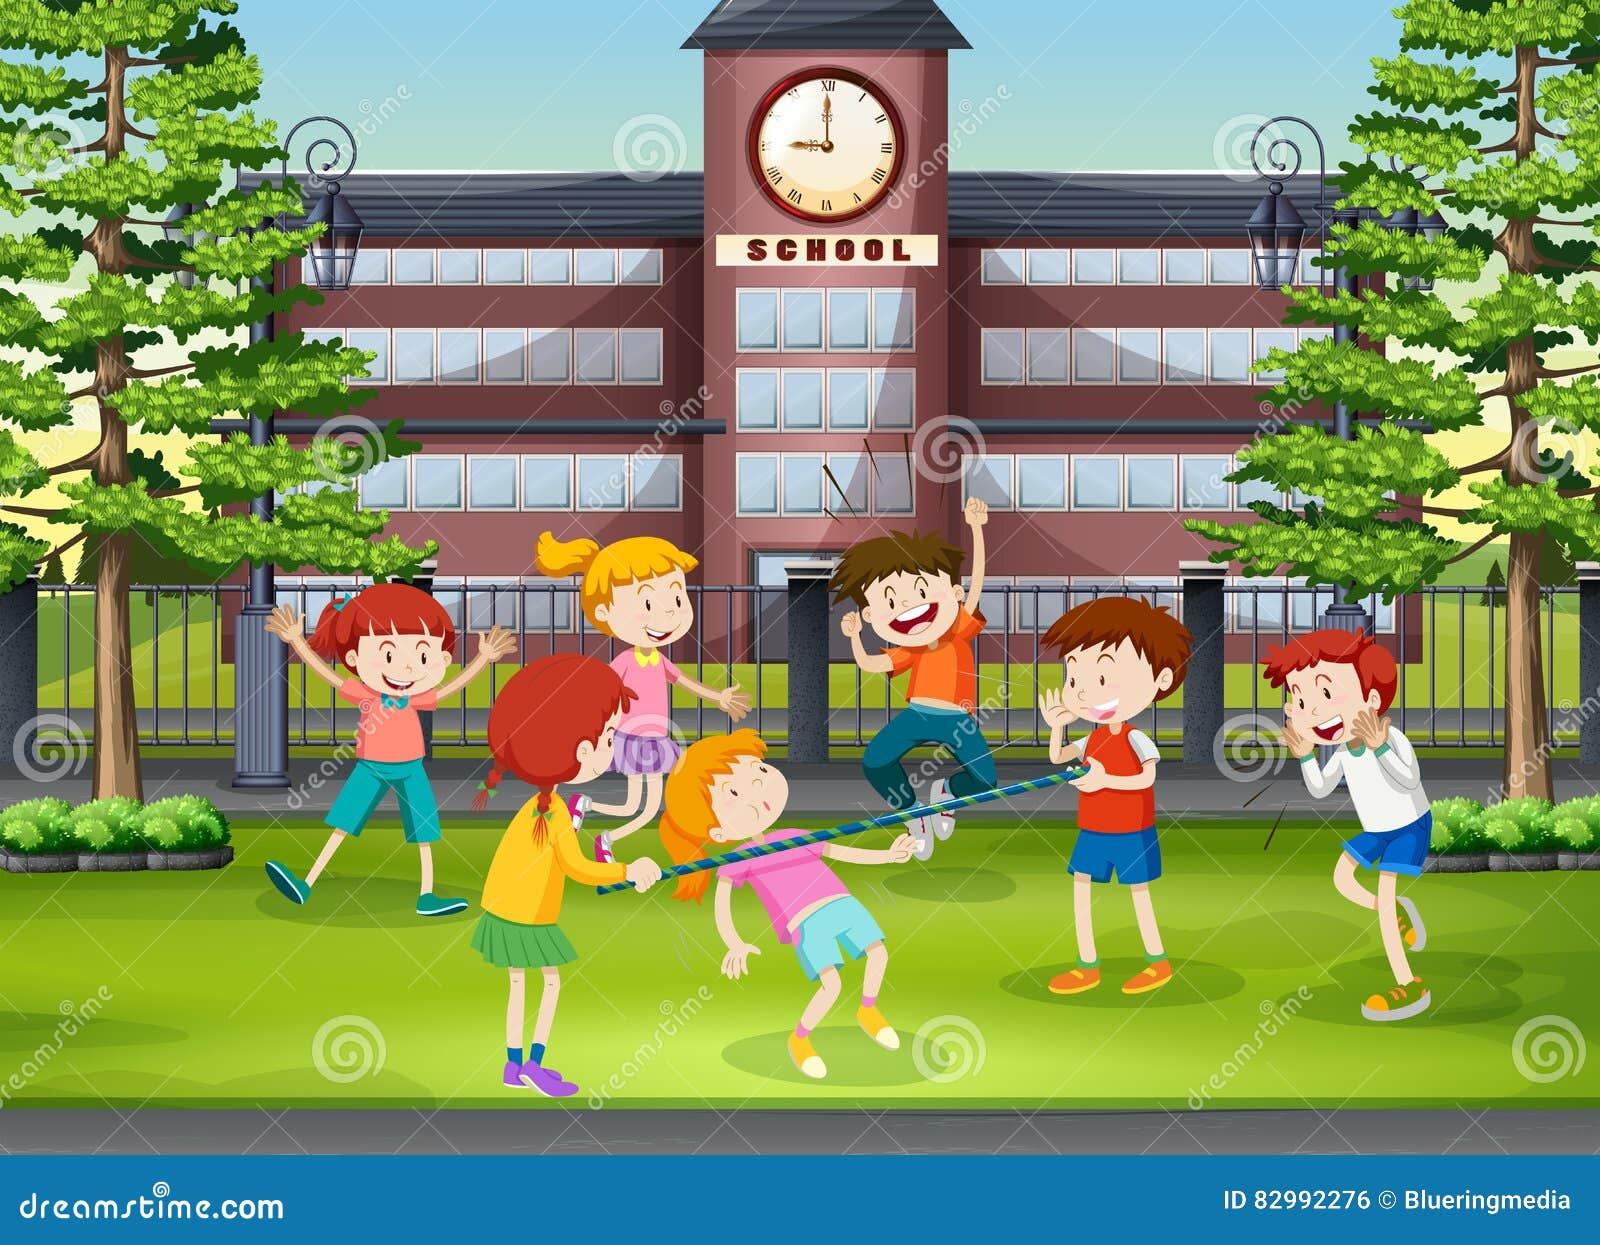 schulboden download viele kinder die im schulboden spielen stock abbildung illustration von zicklein szene